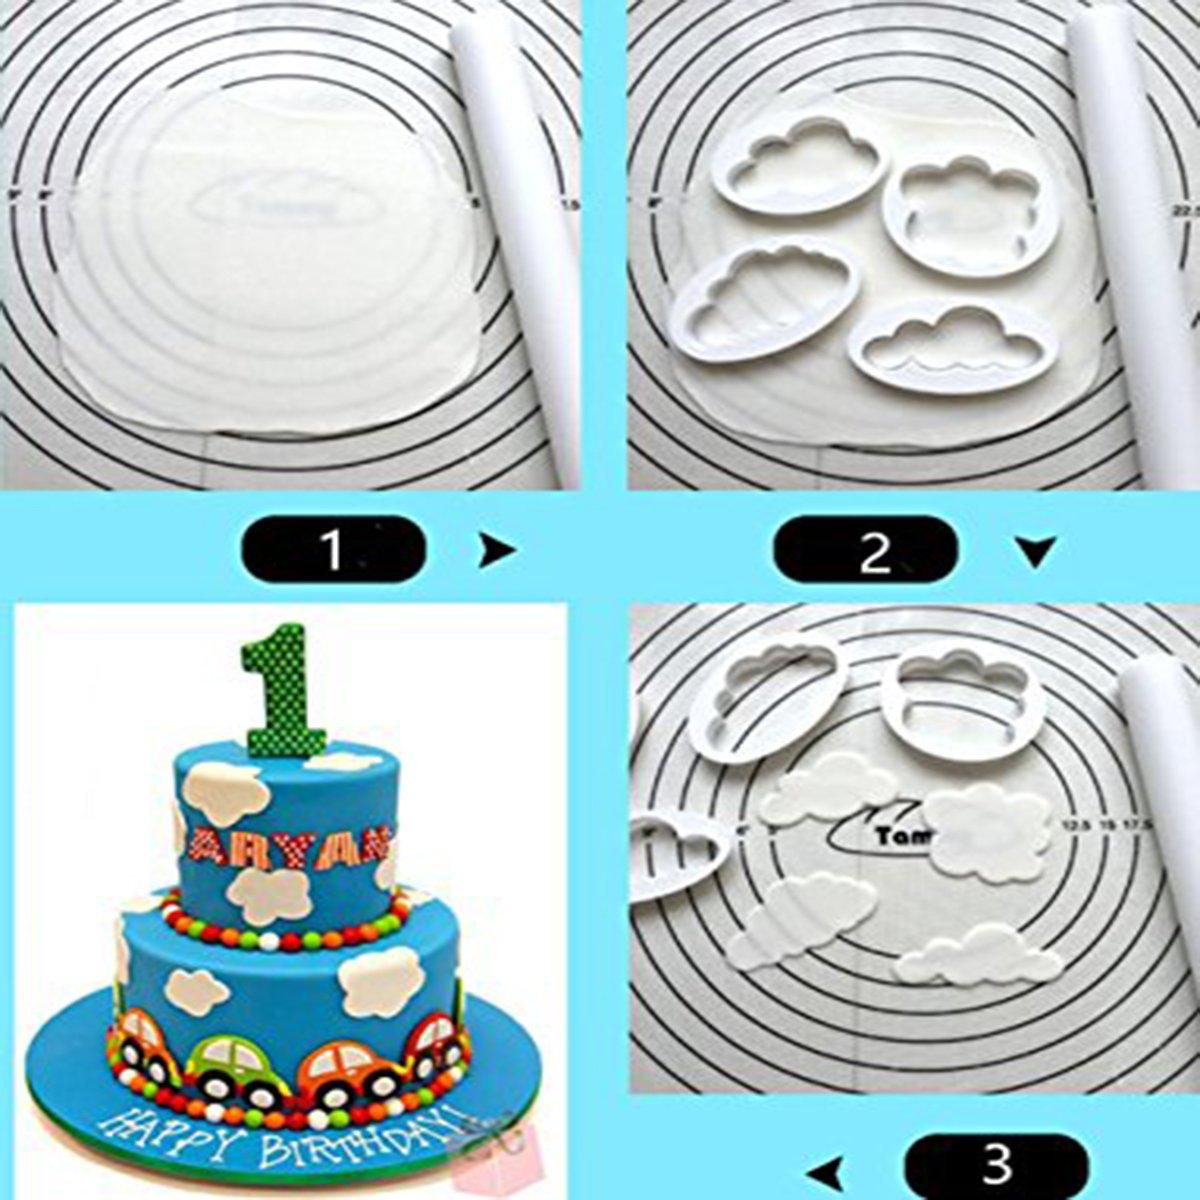 YIJIA 4 Pcs/Set 5 Pcs/Set Cloud Plastic Cake Cookie Buscuit Cutter Mold Fondant Mould pack of 2